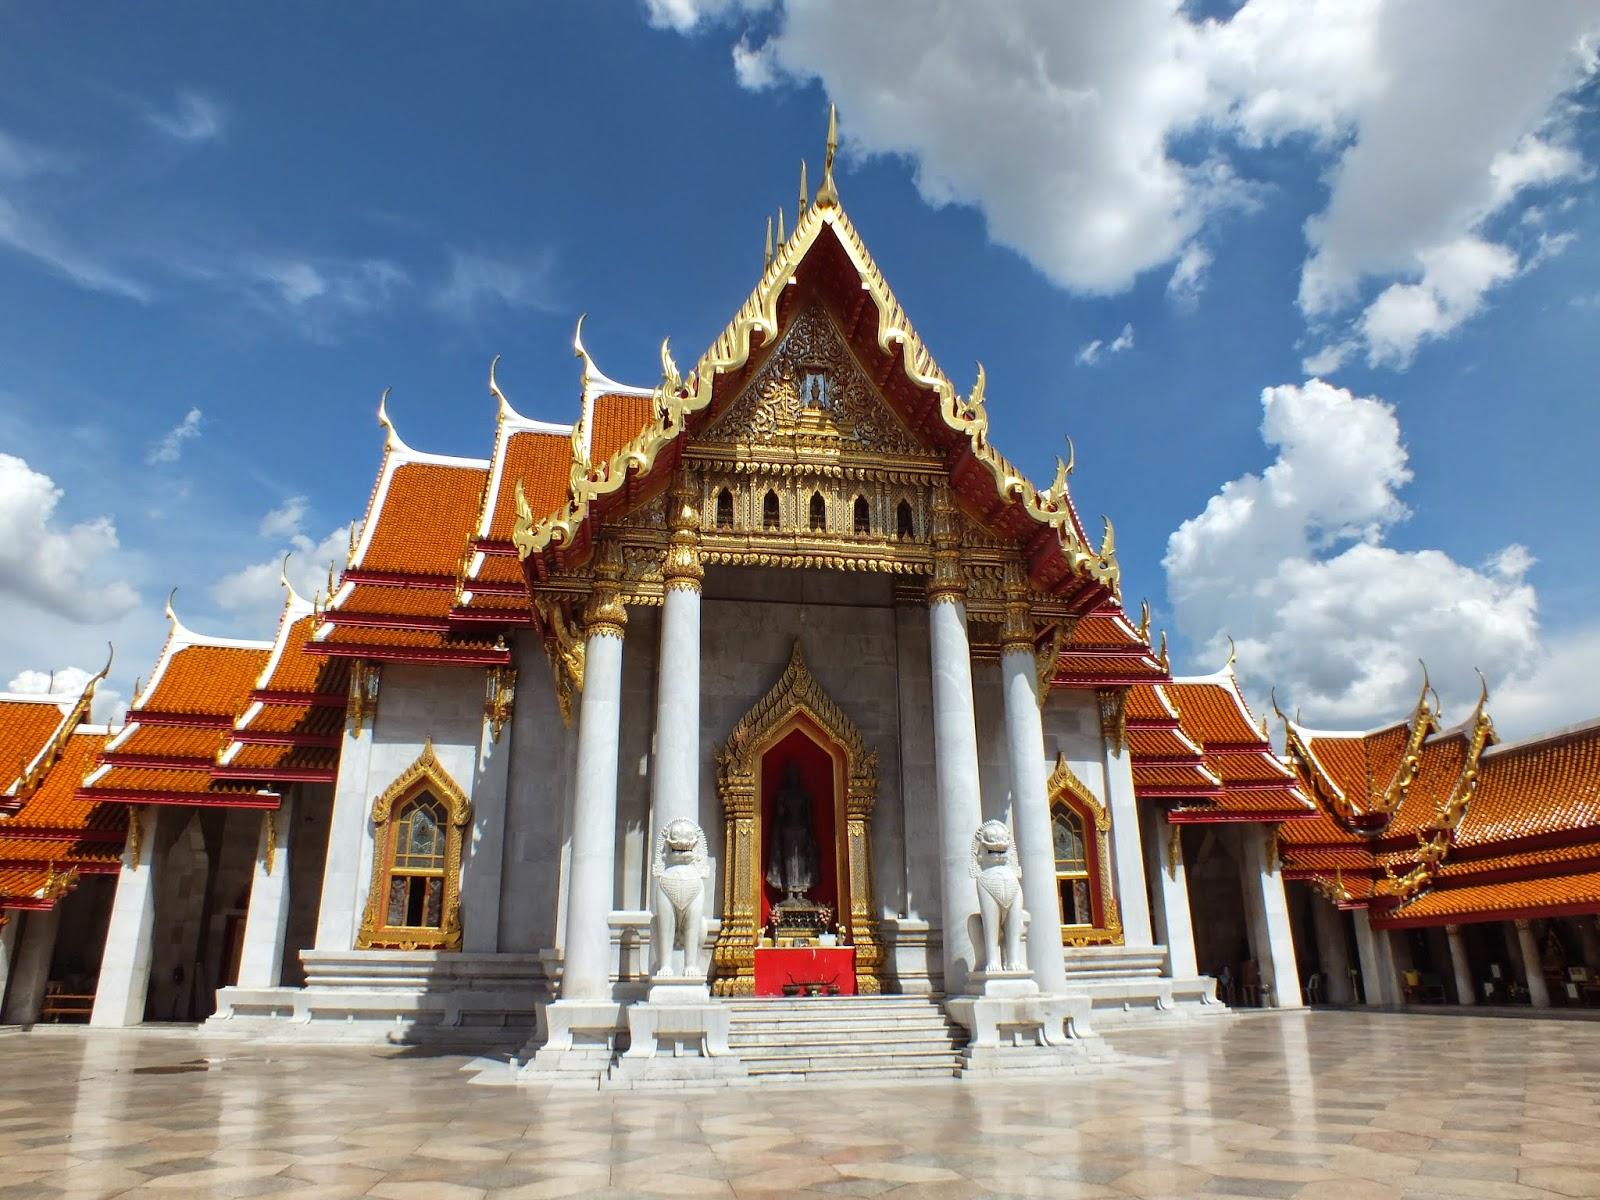 Wat Benjamabophit